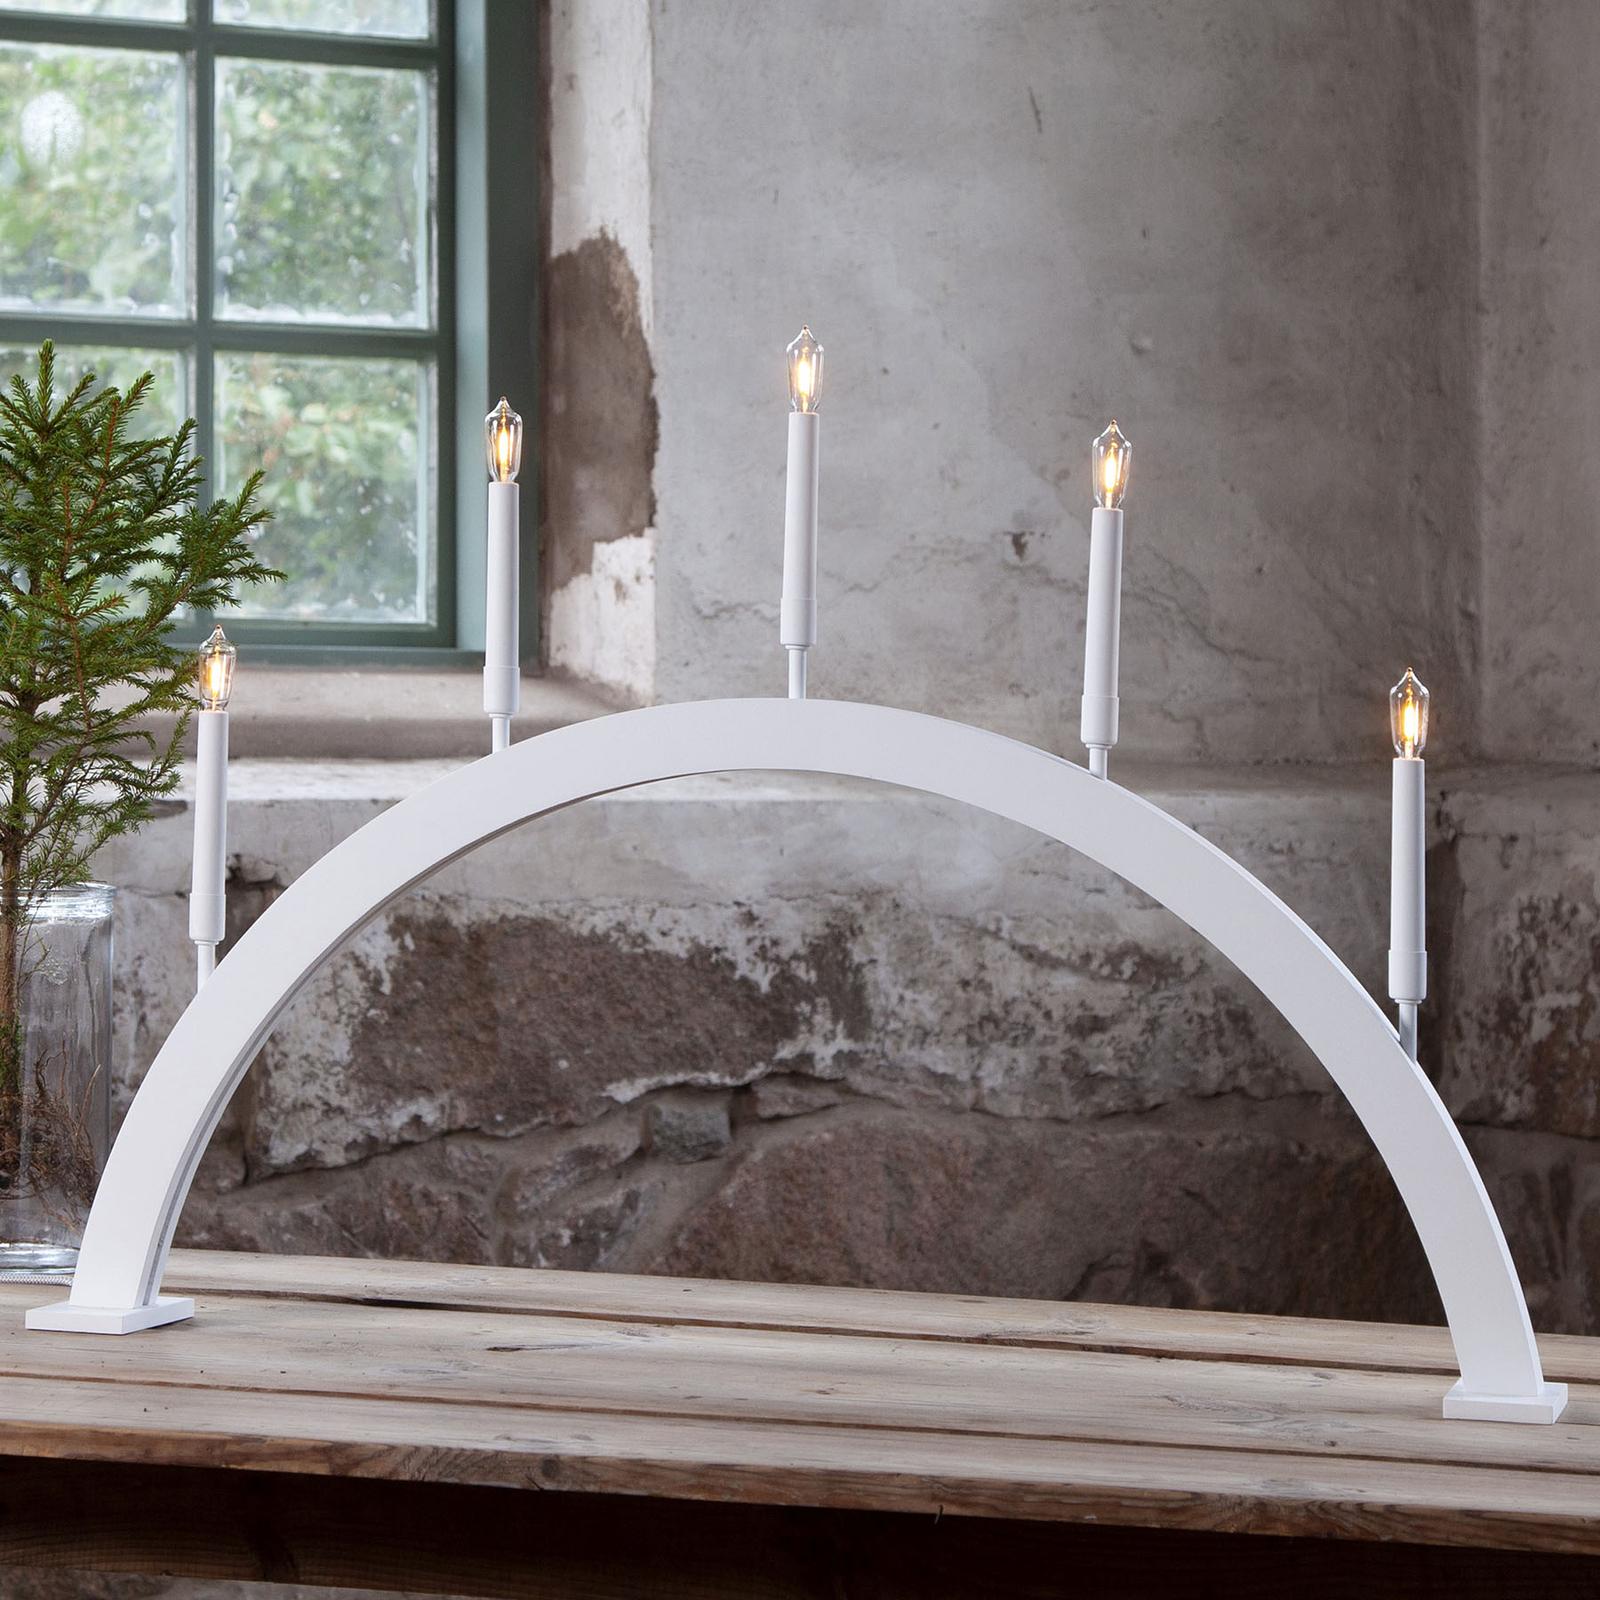 Raam kandelaar Storm 5-lamps 59 cm wit